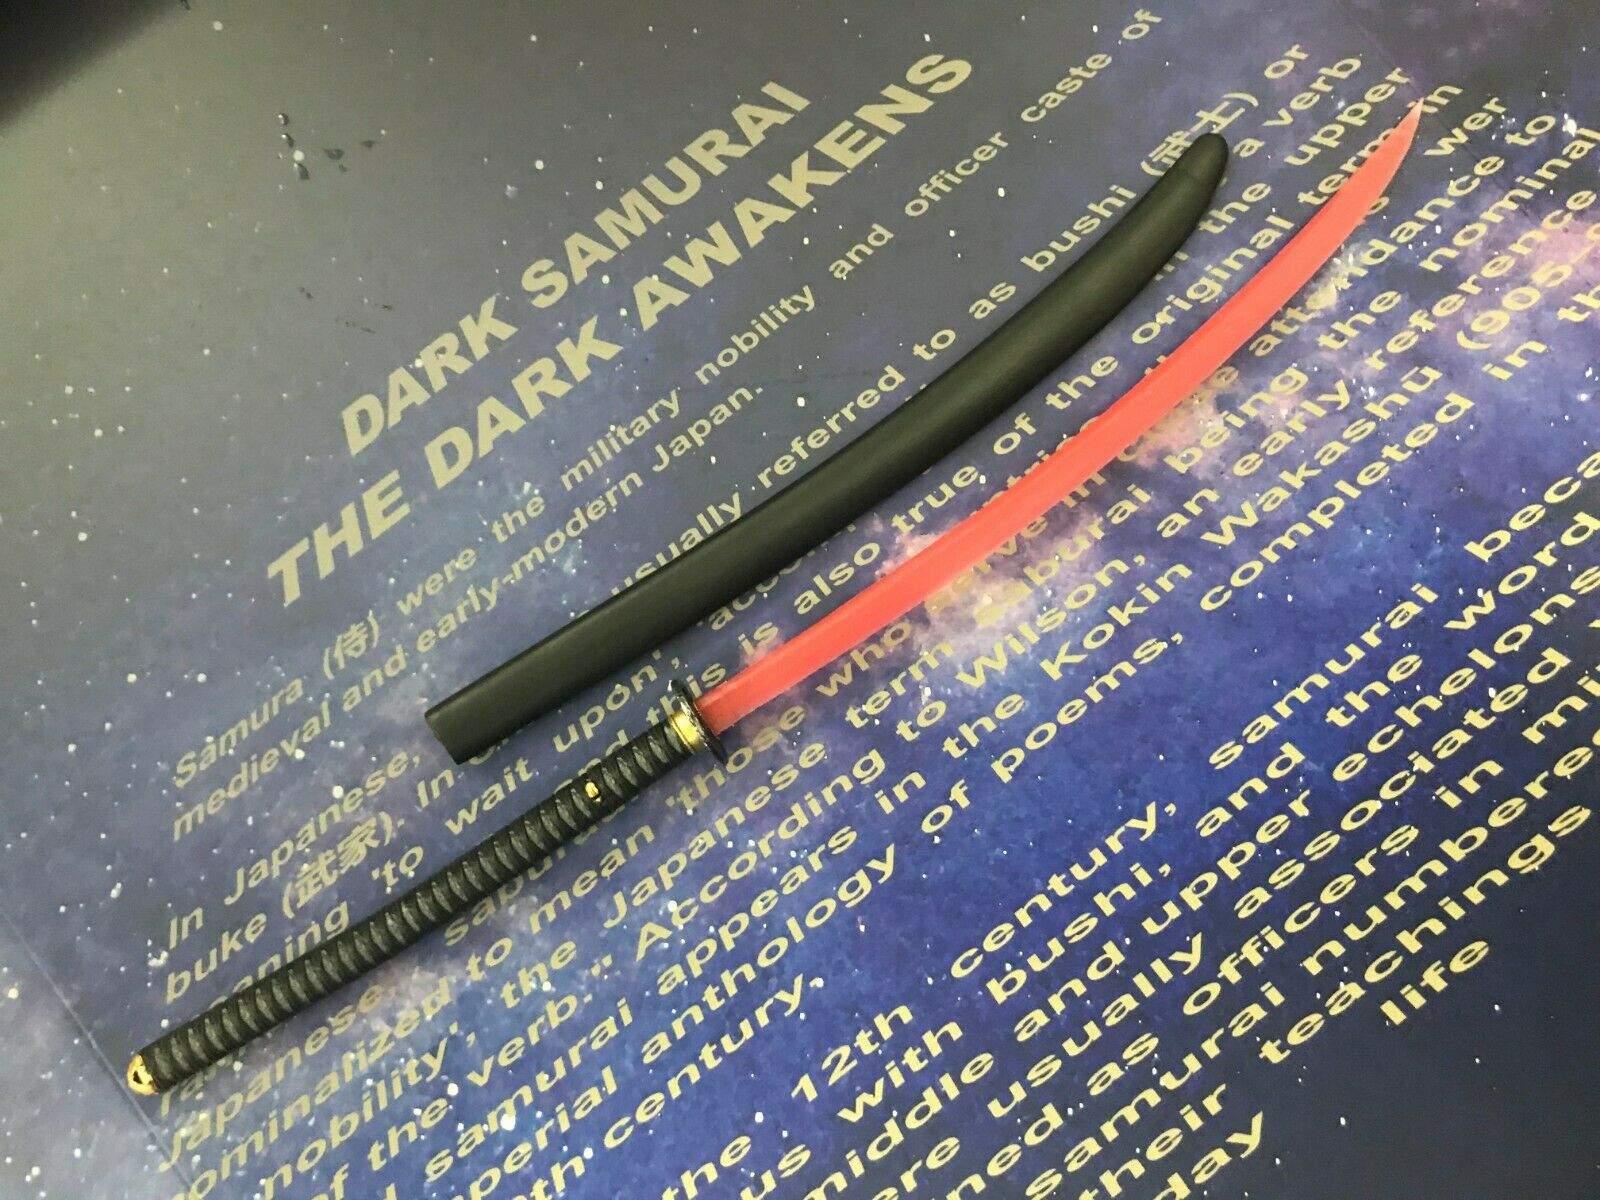 Toysdao TW004 Dark Samurai - 1 6th Scale Sword